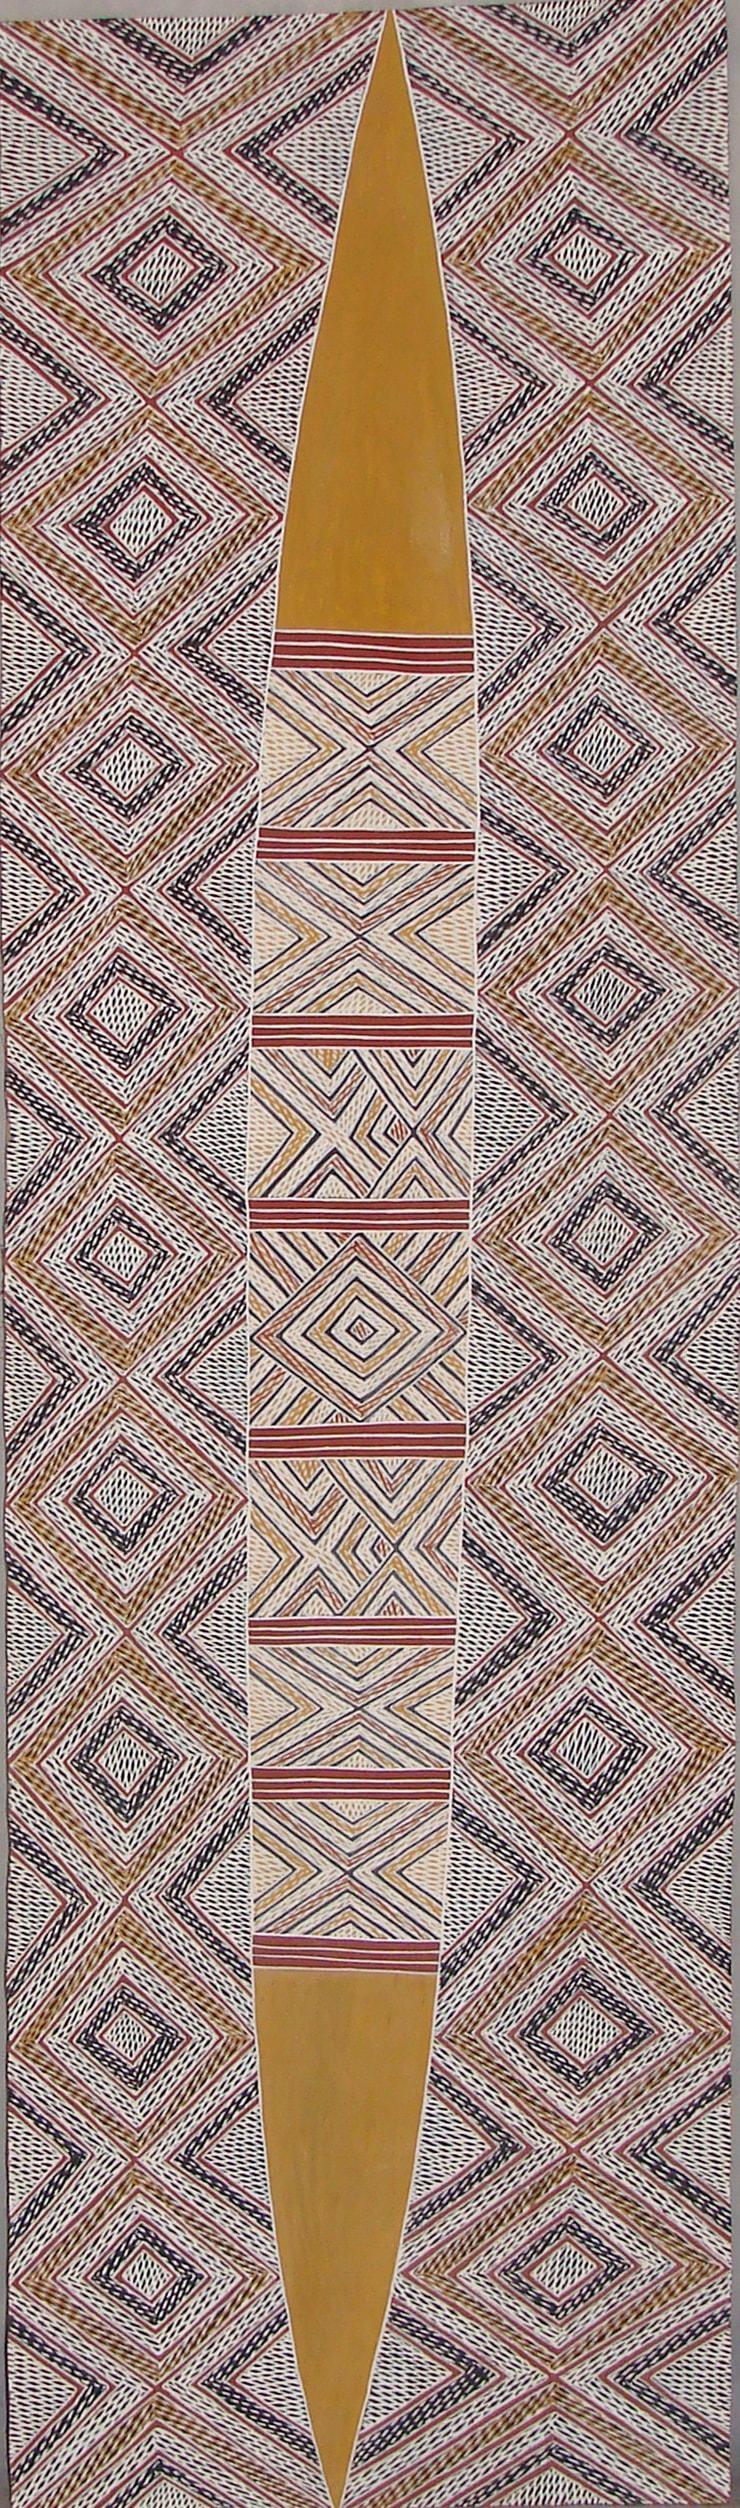 Garawan Wanambi Marranu Miny'tji natural earth pigment on bark 155 x 42 cm